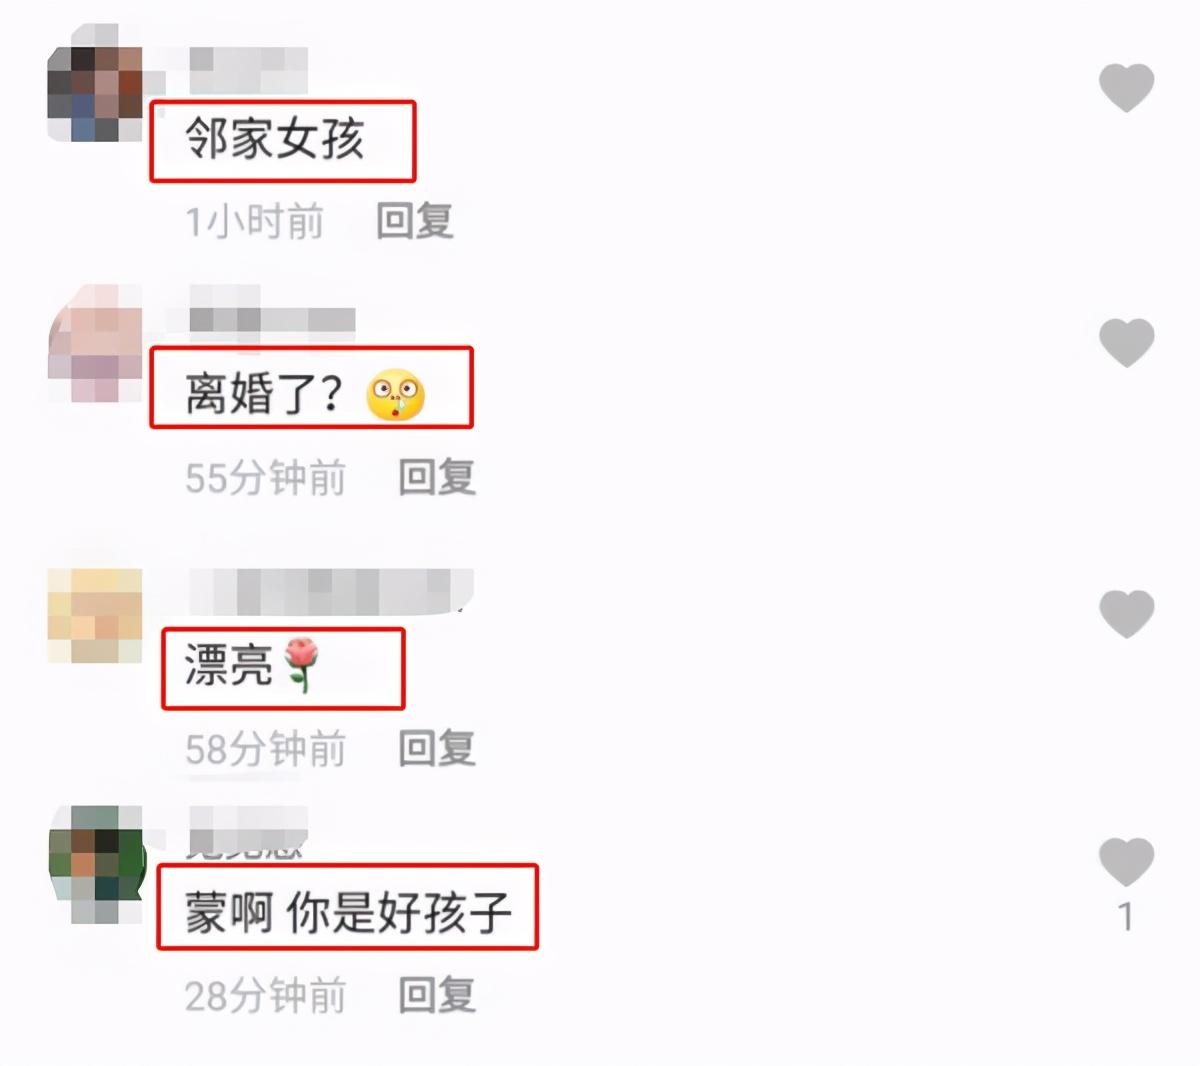 乡村爱情王小蒙疑似离婚 戏里青梅竹马戏外疑似婚姻突变